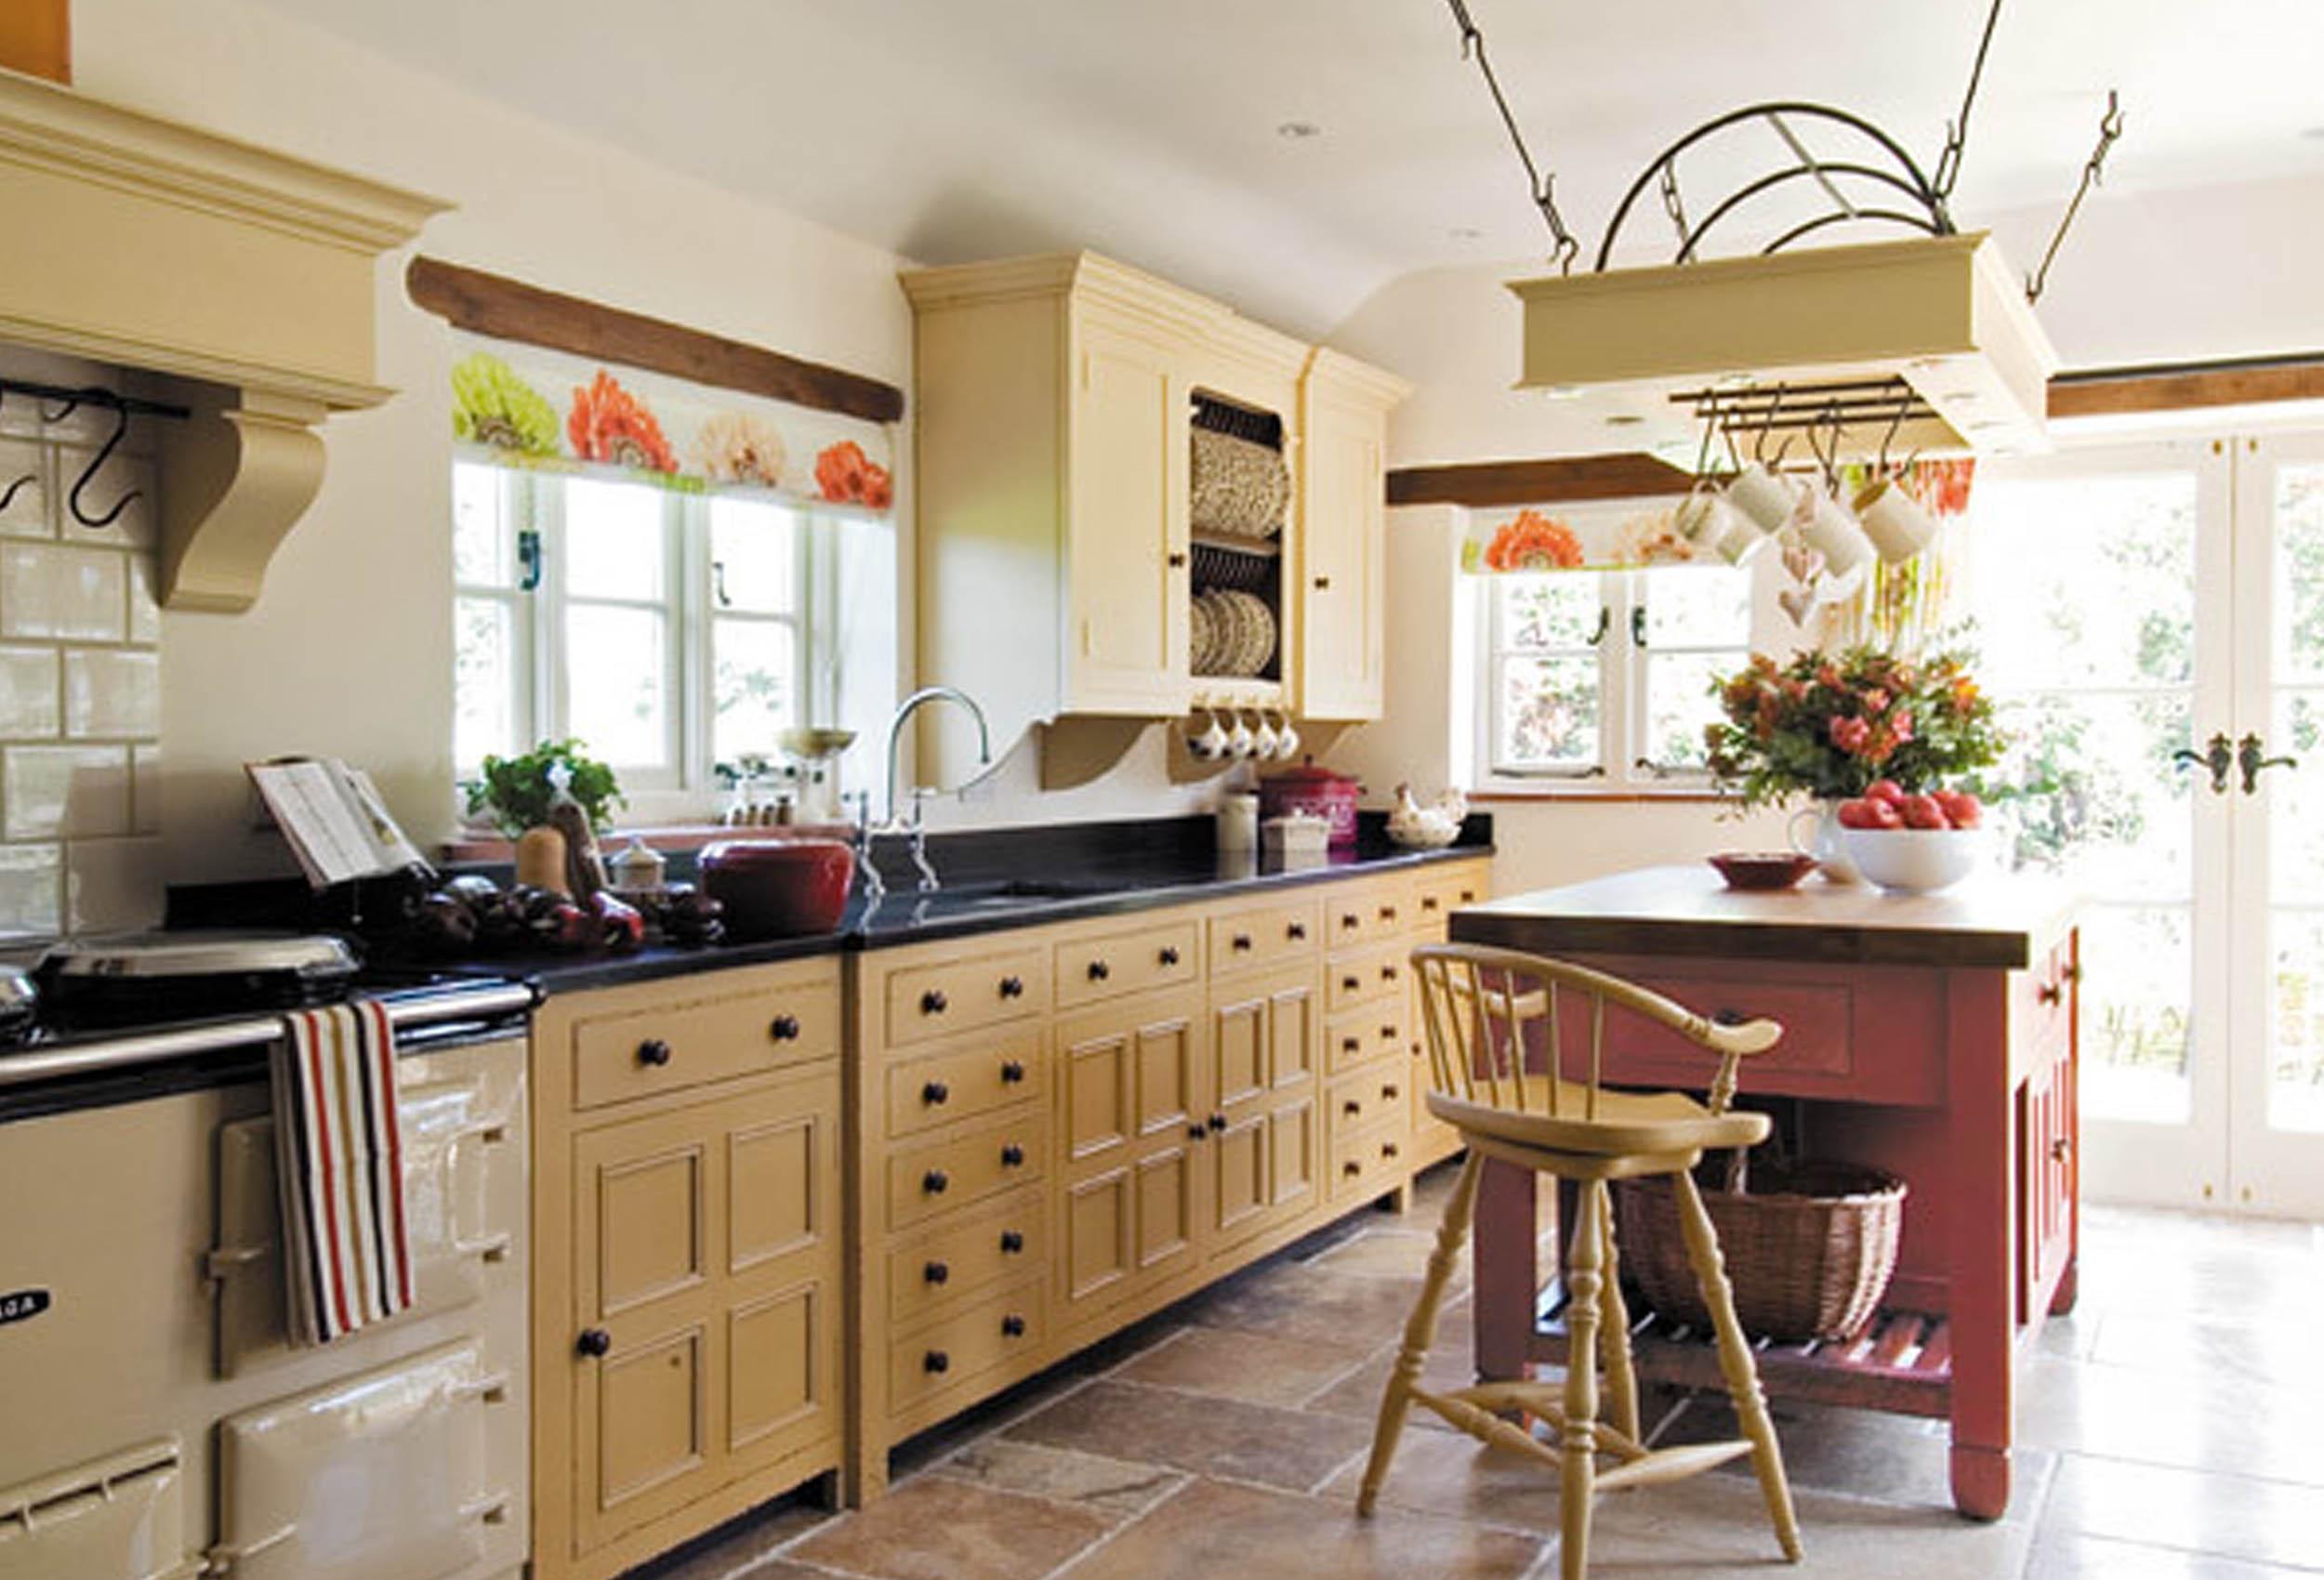 tipi-di-cucina-arredamento-disposizioni-illuminazione-studio-architettura-interior-design-roma4